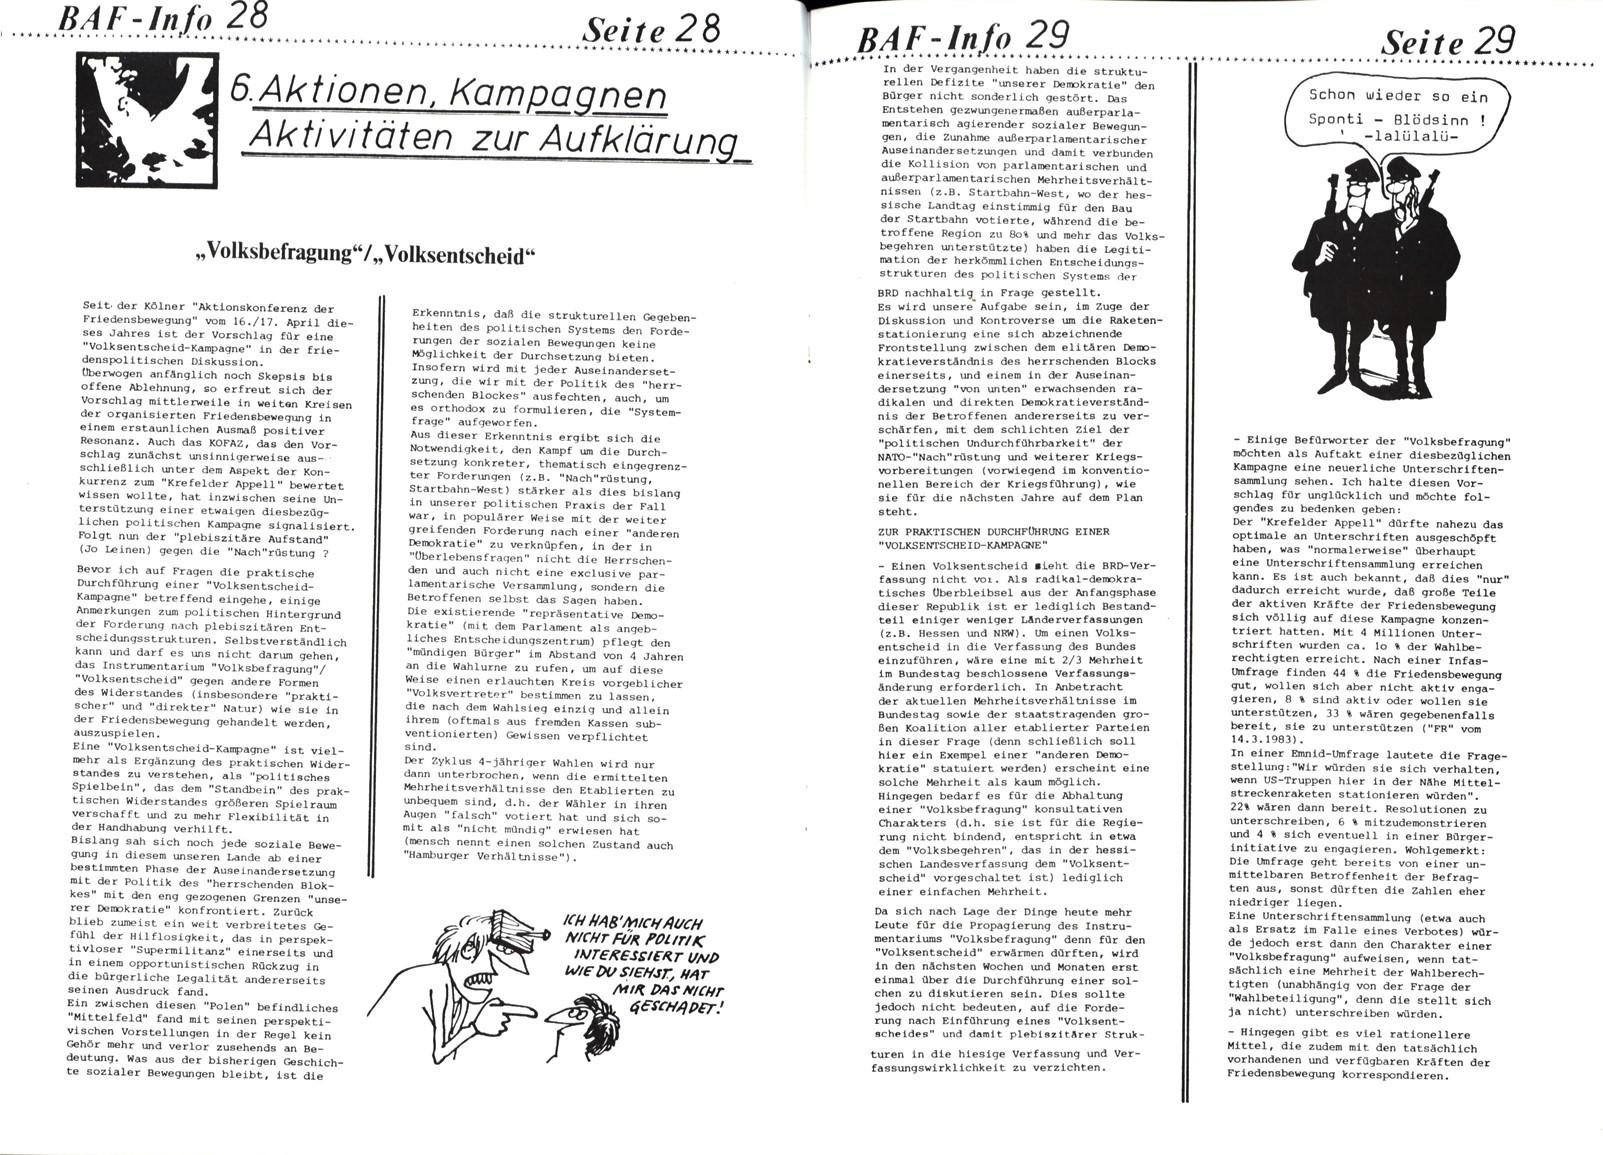 BAF_Info_03_19830600_15